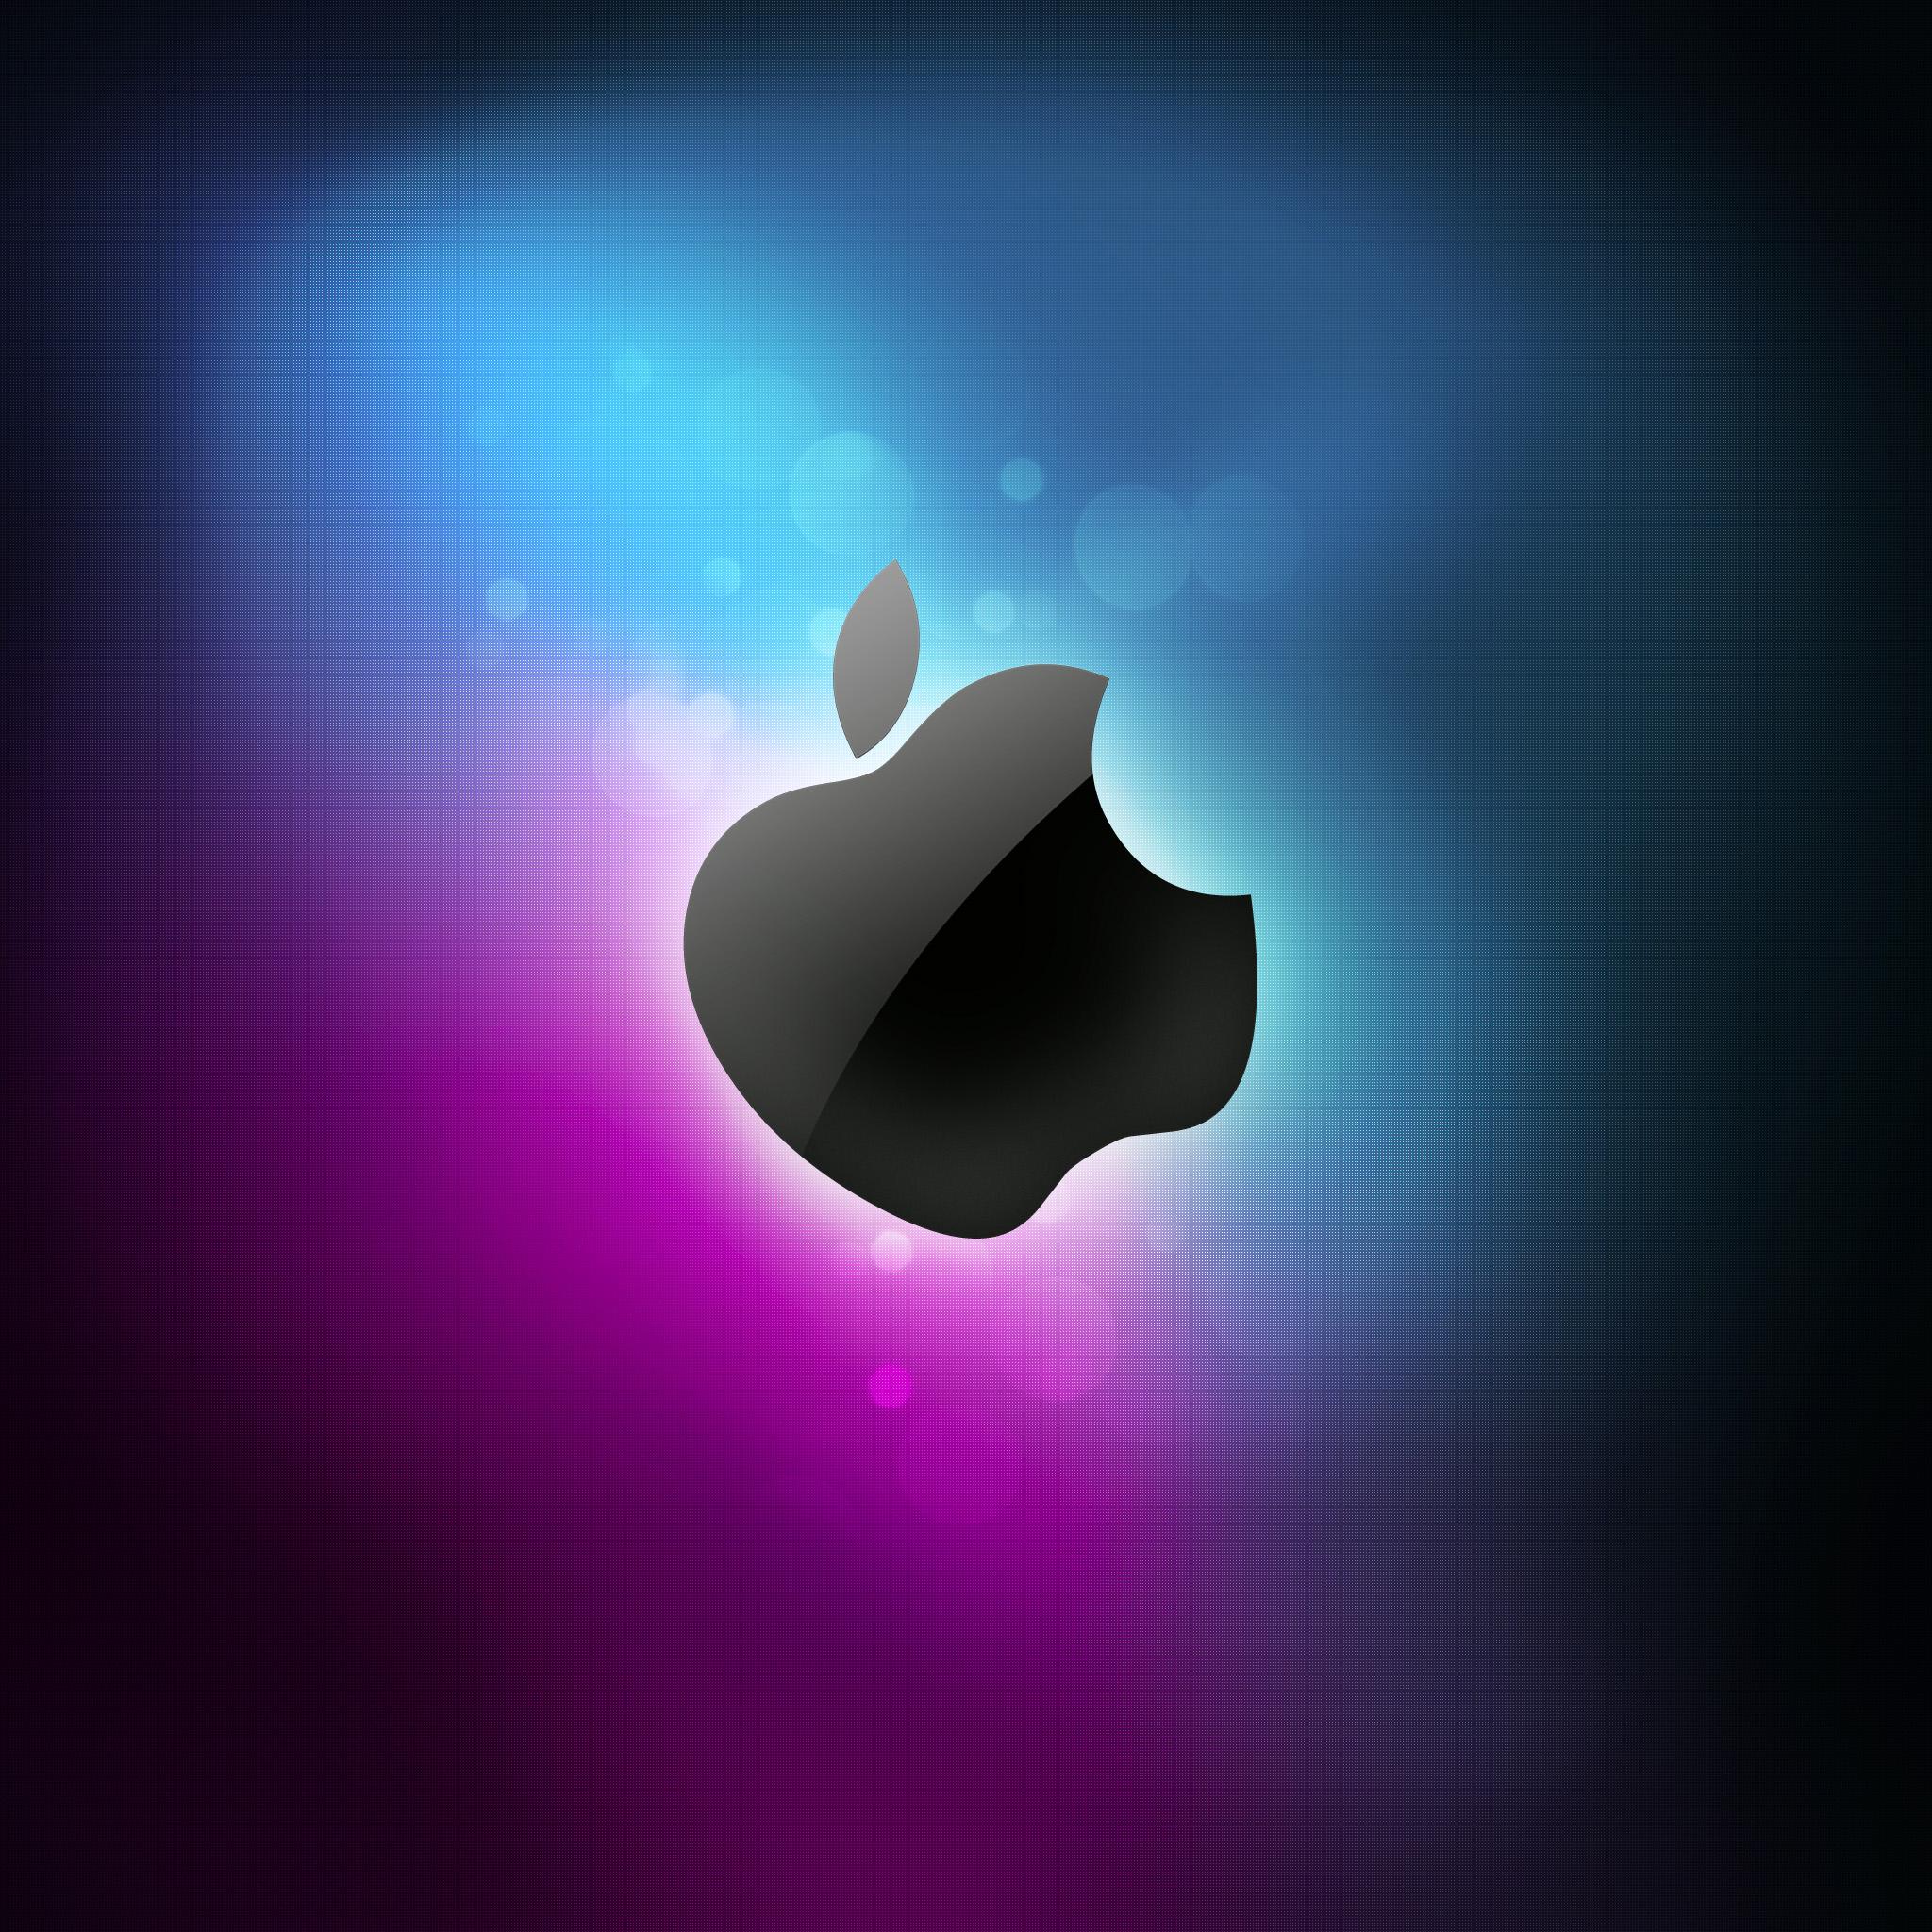 Apple Blue Shadow 3 Wallpapers iPad Apple Blue Shadow   iPad